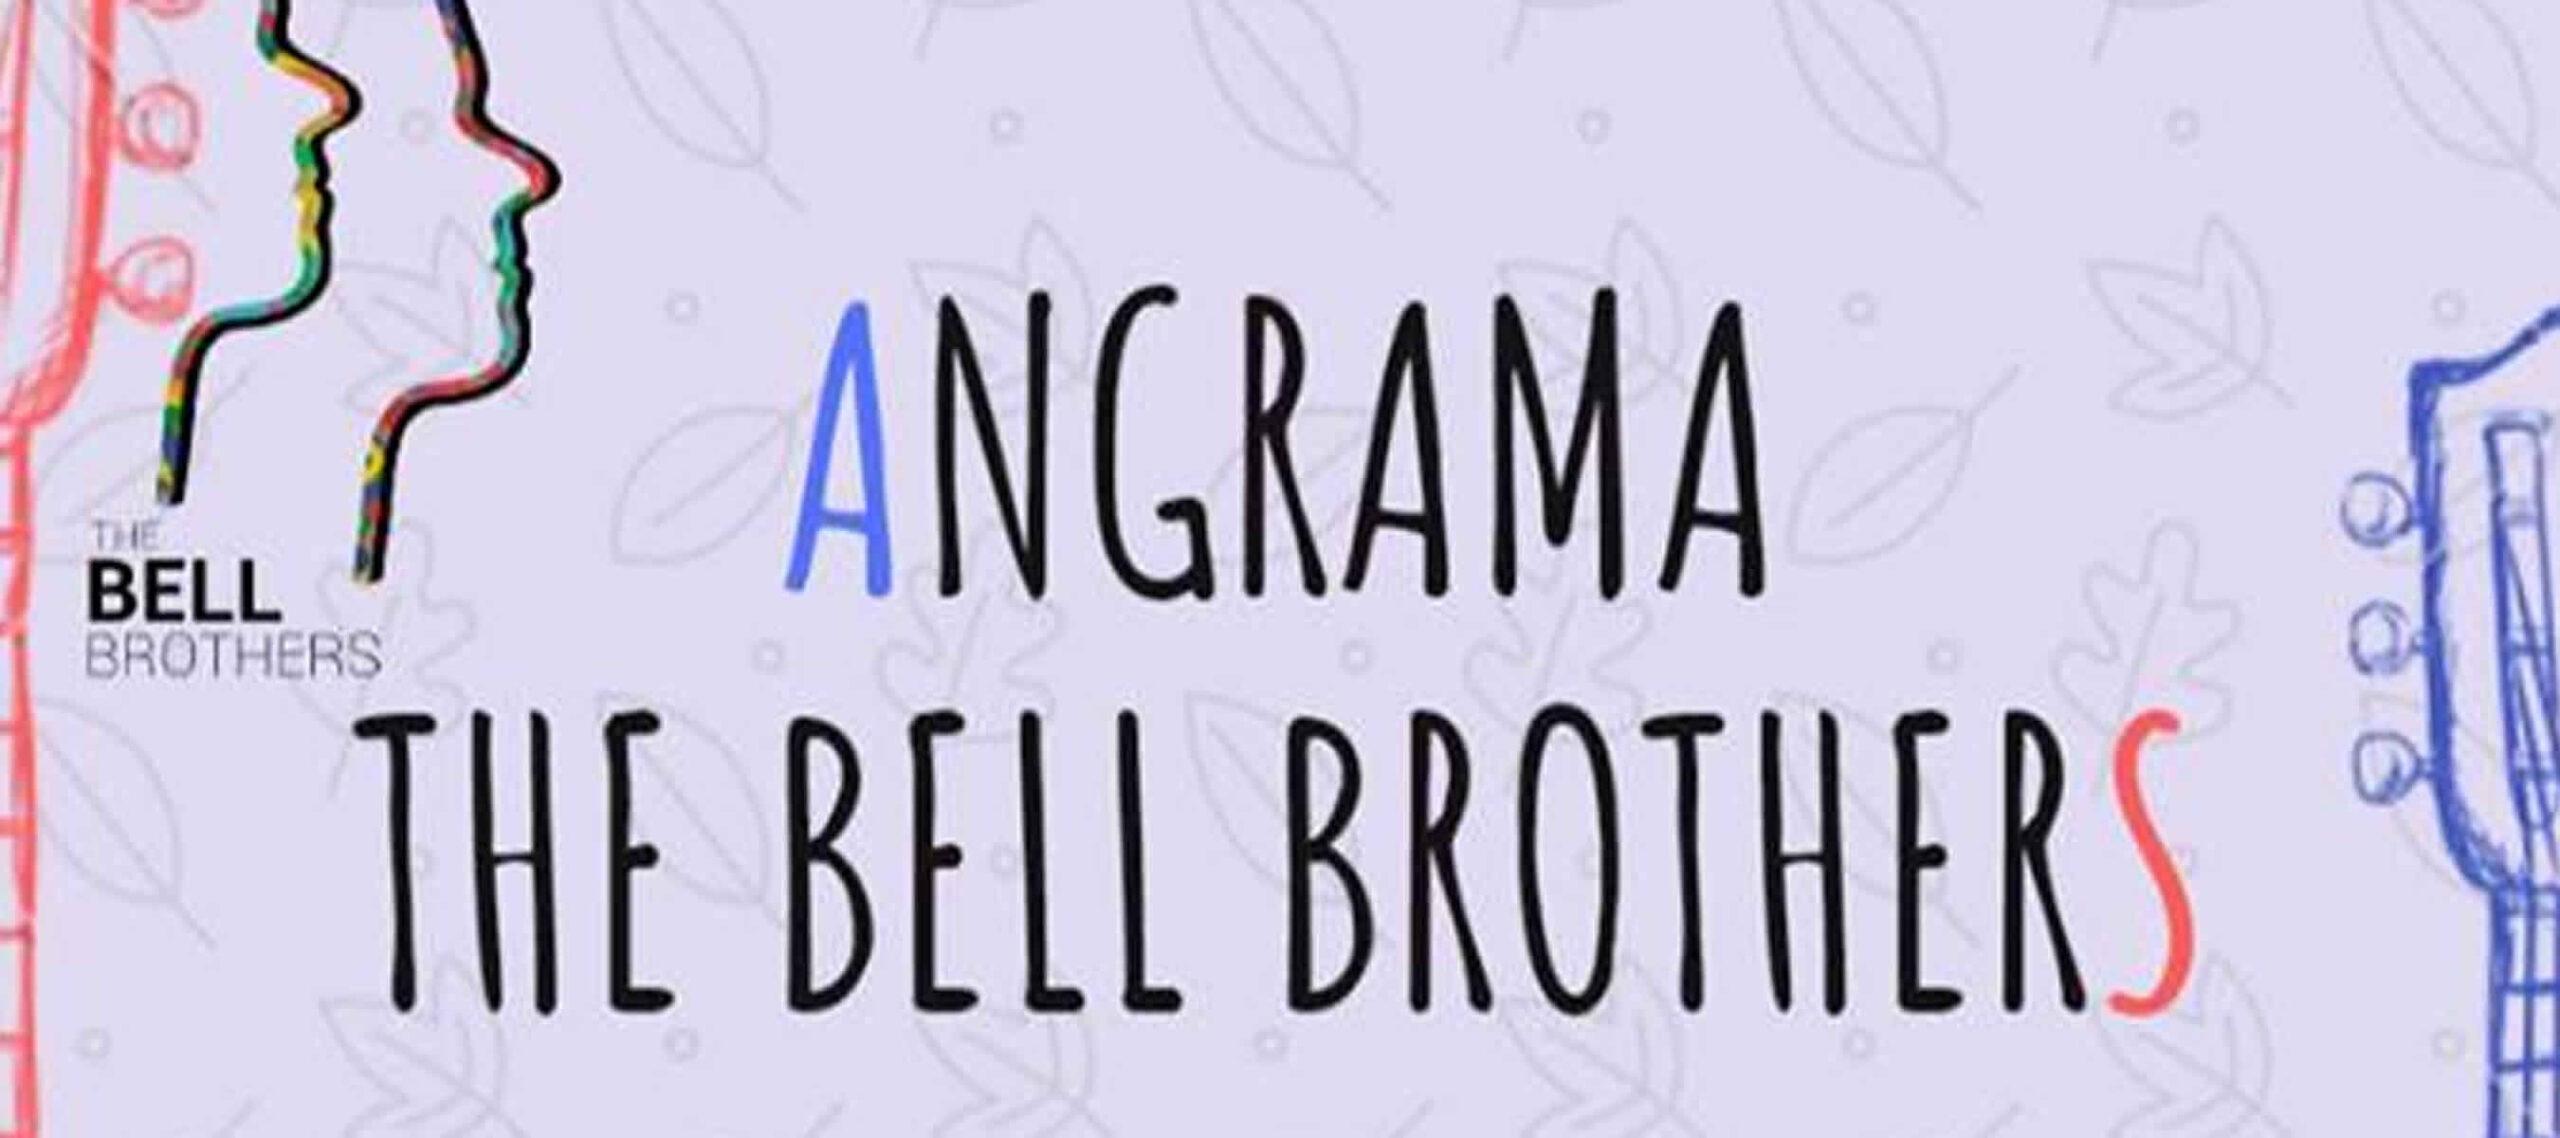 Angrama bell brothers smoking molly